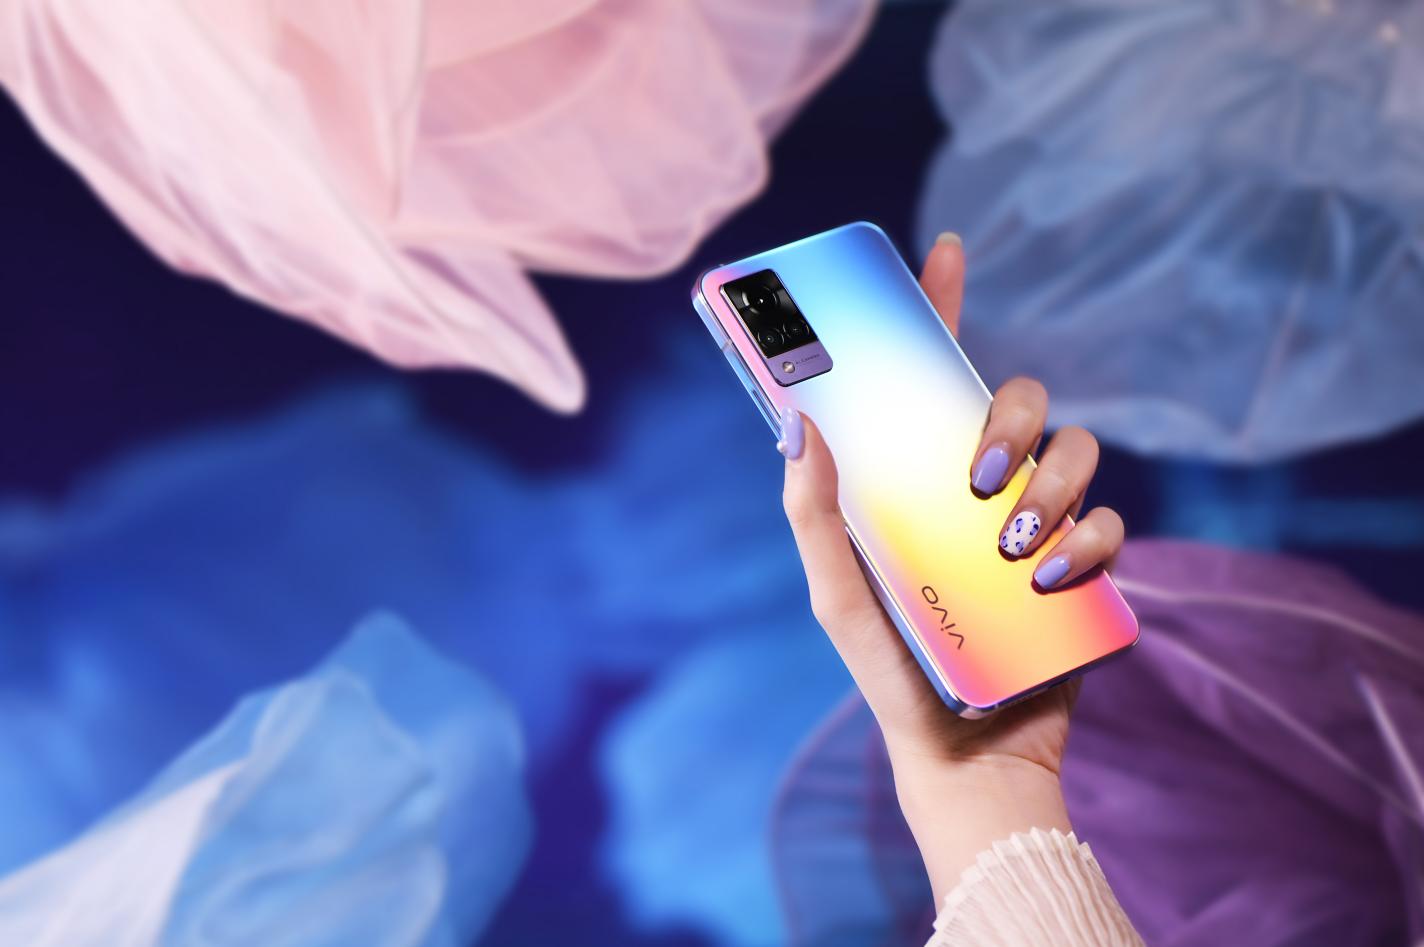 以全新发布的vivo S9手机为例,一起来聊聊vivo S9的自拍水平。